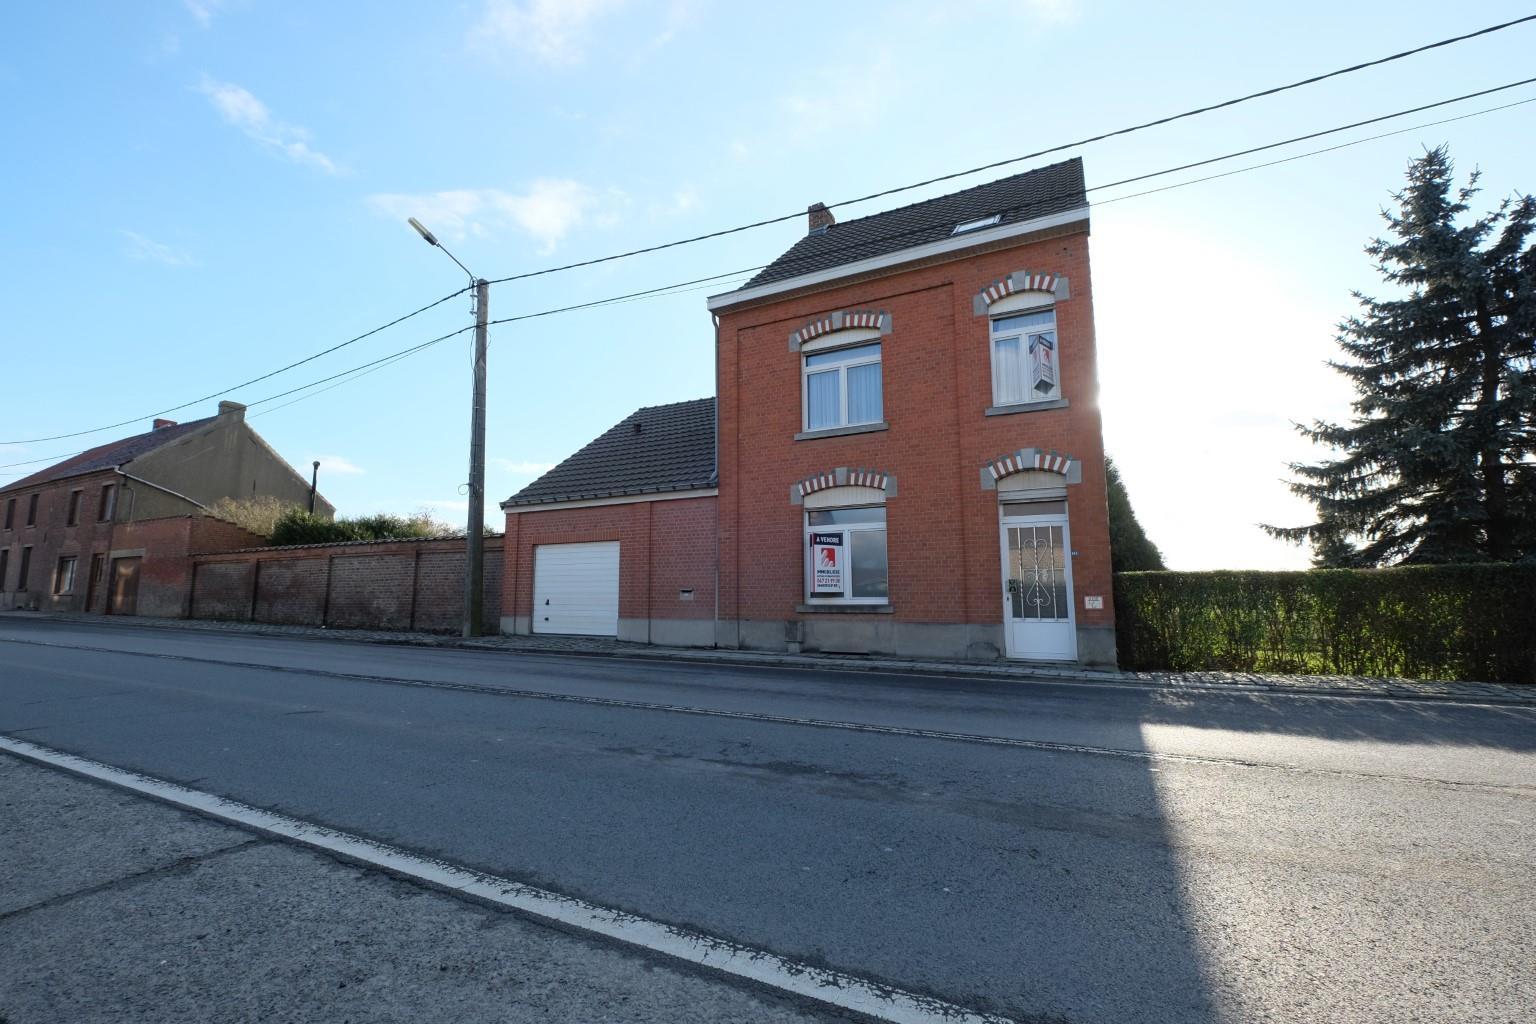 Maison - Braine-le-Comte Hennuyères - #3861233-5